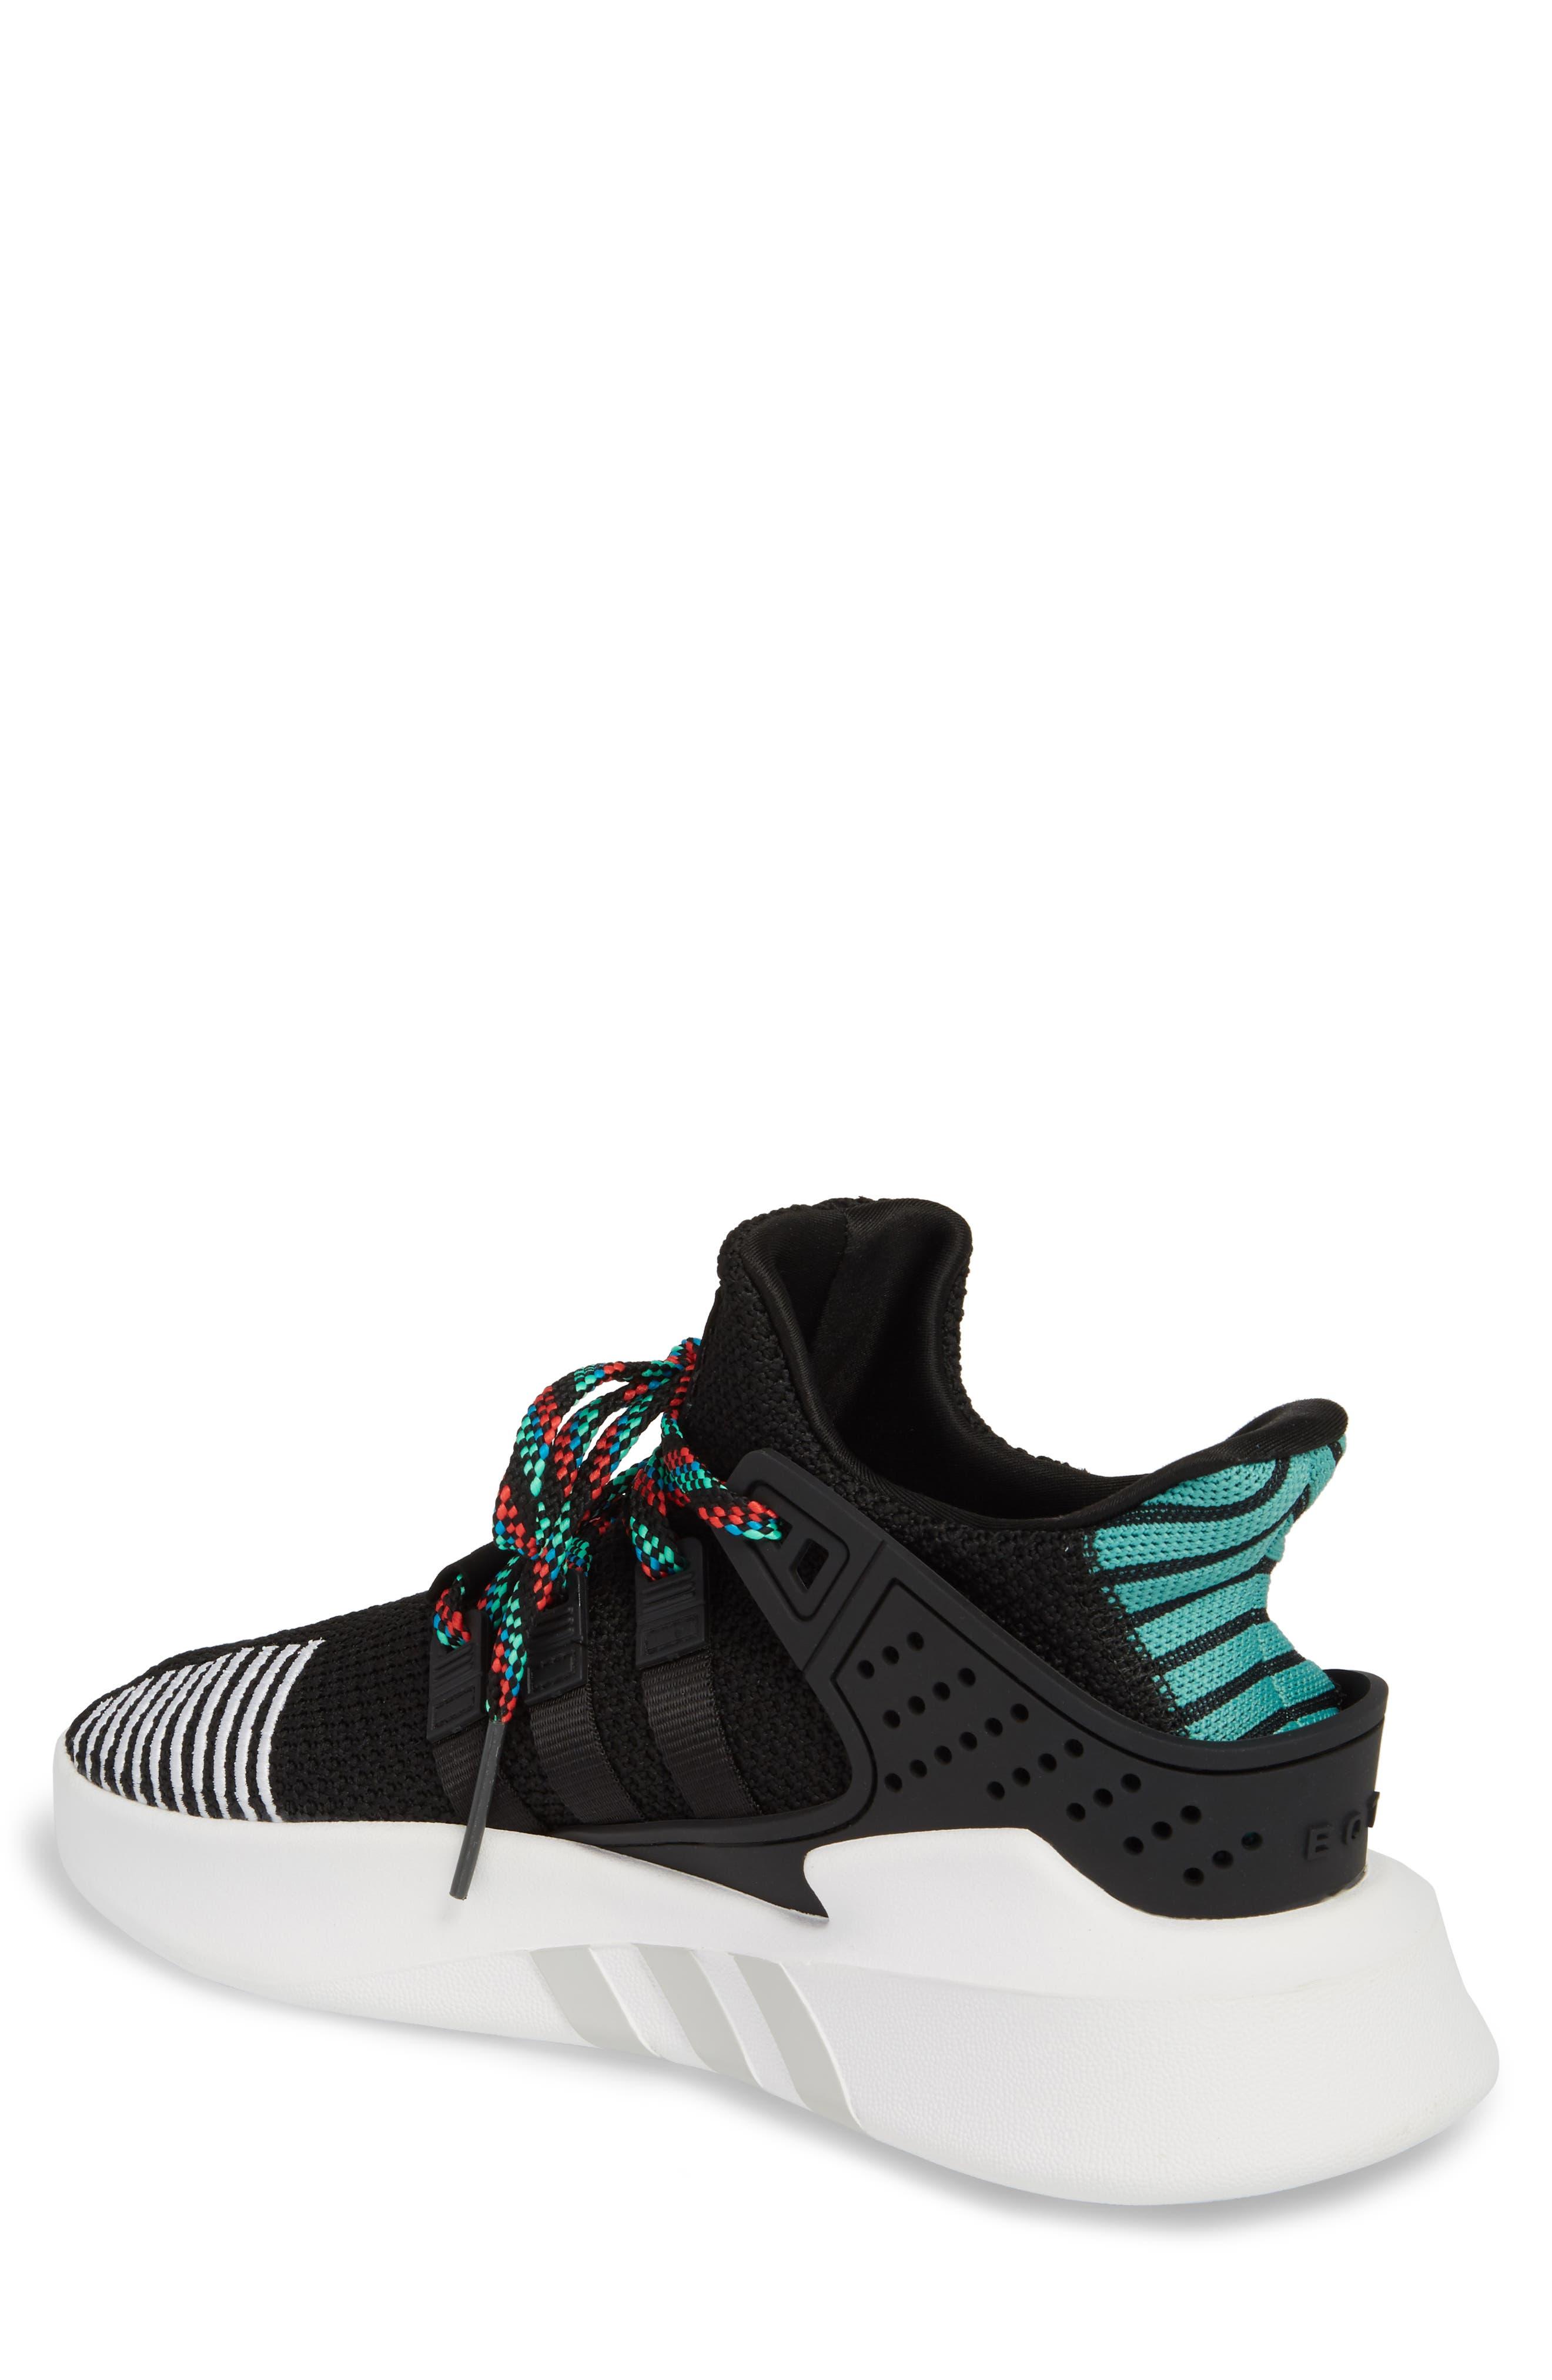 EQT Basketball ADV Sneaker,                             Alternate thumbnail 2, color,                             Core Black/ Sub Green